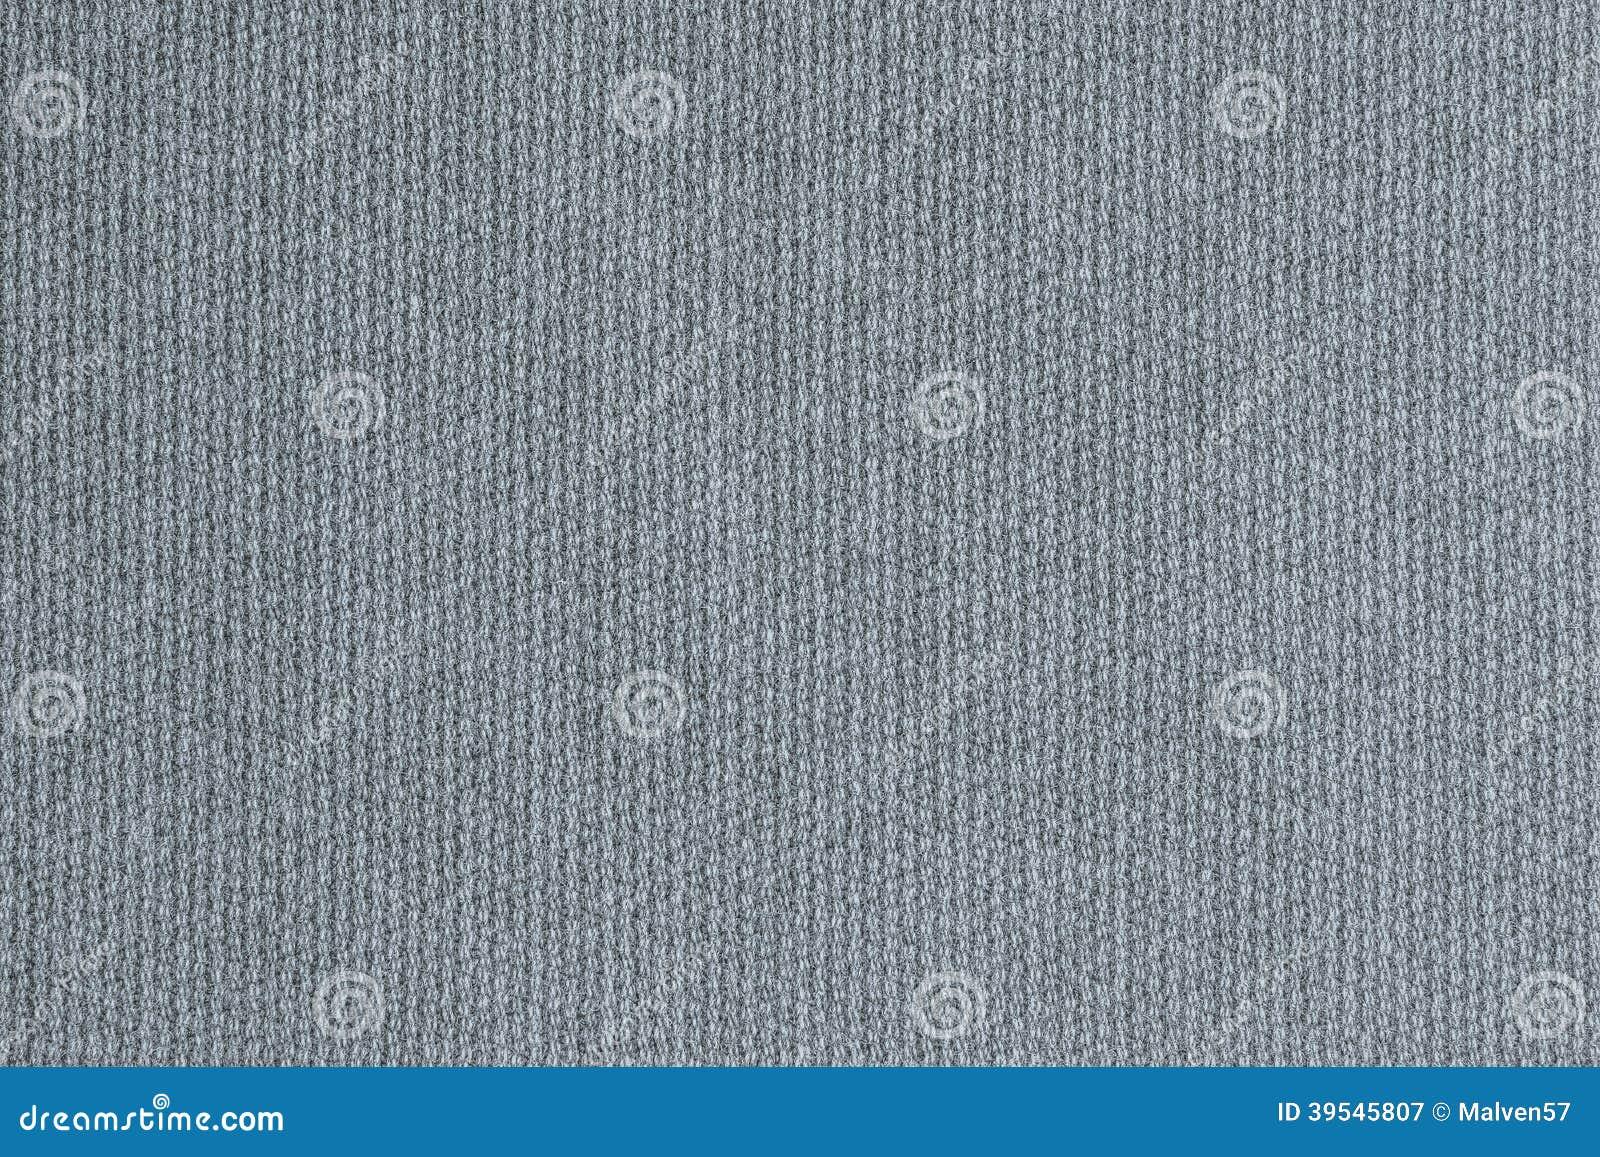 tissu de laine tricoté de couleur de bleu gris image stock - image